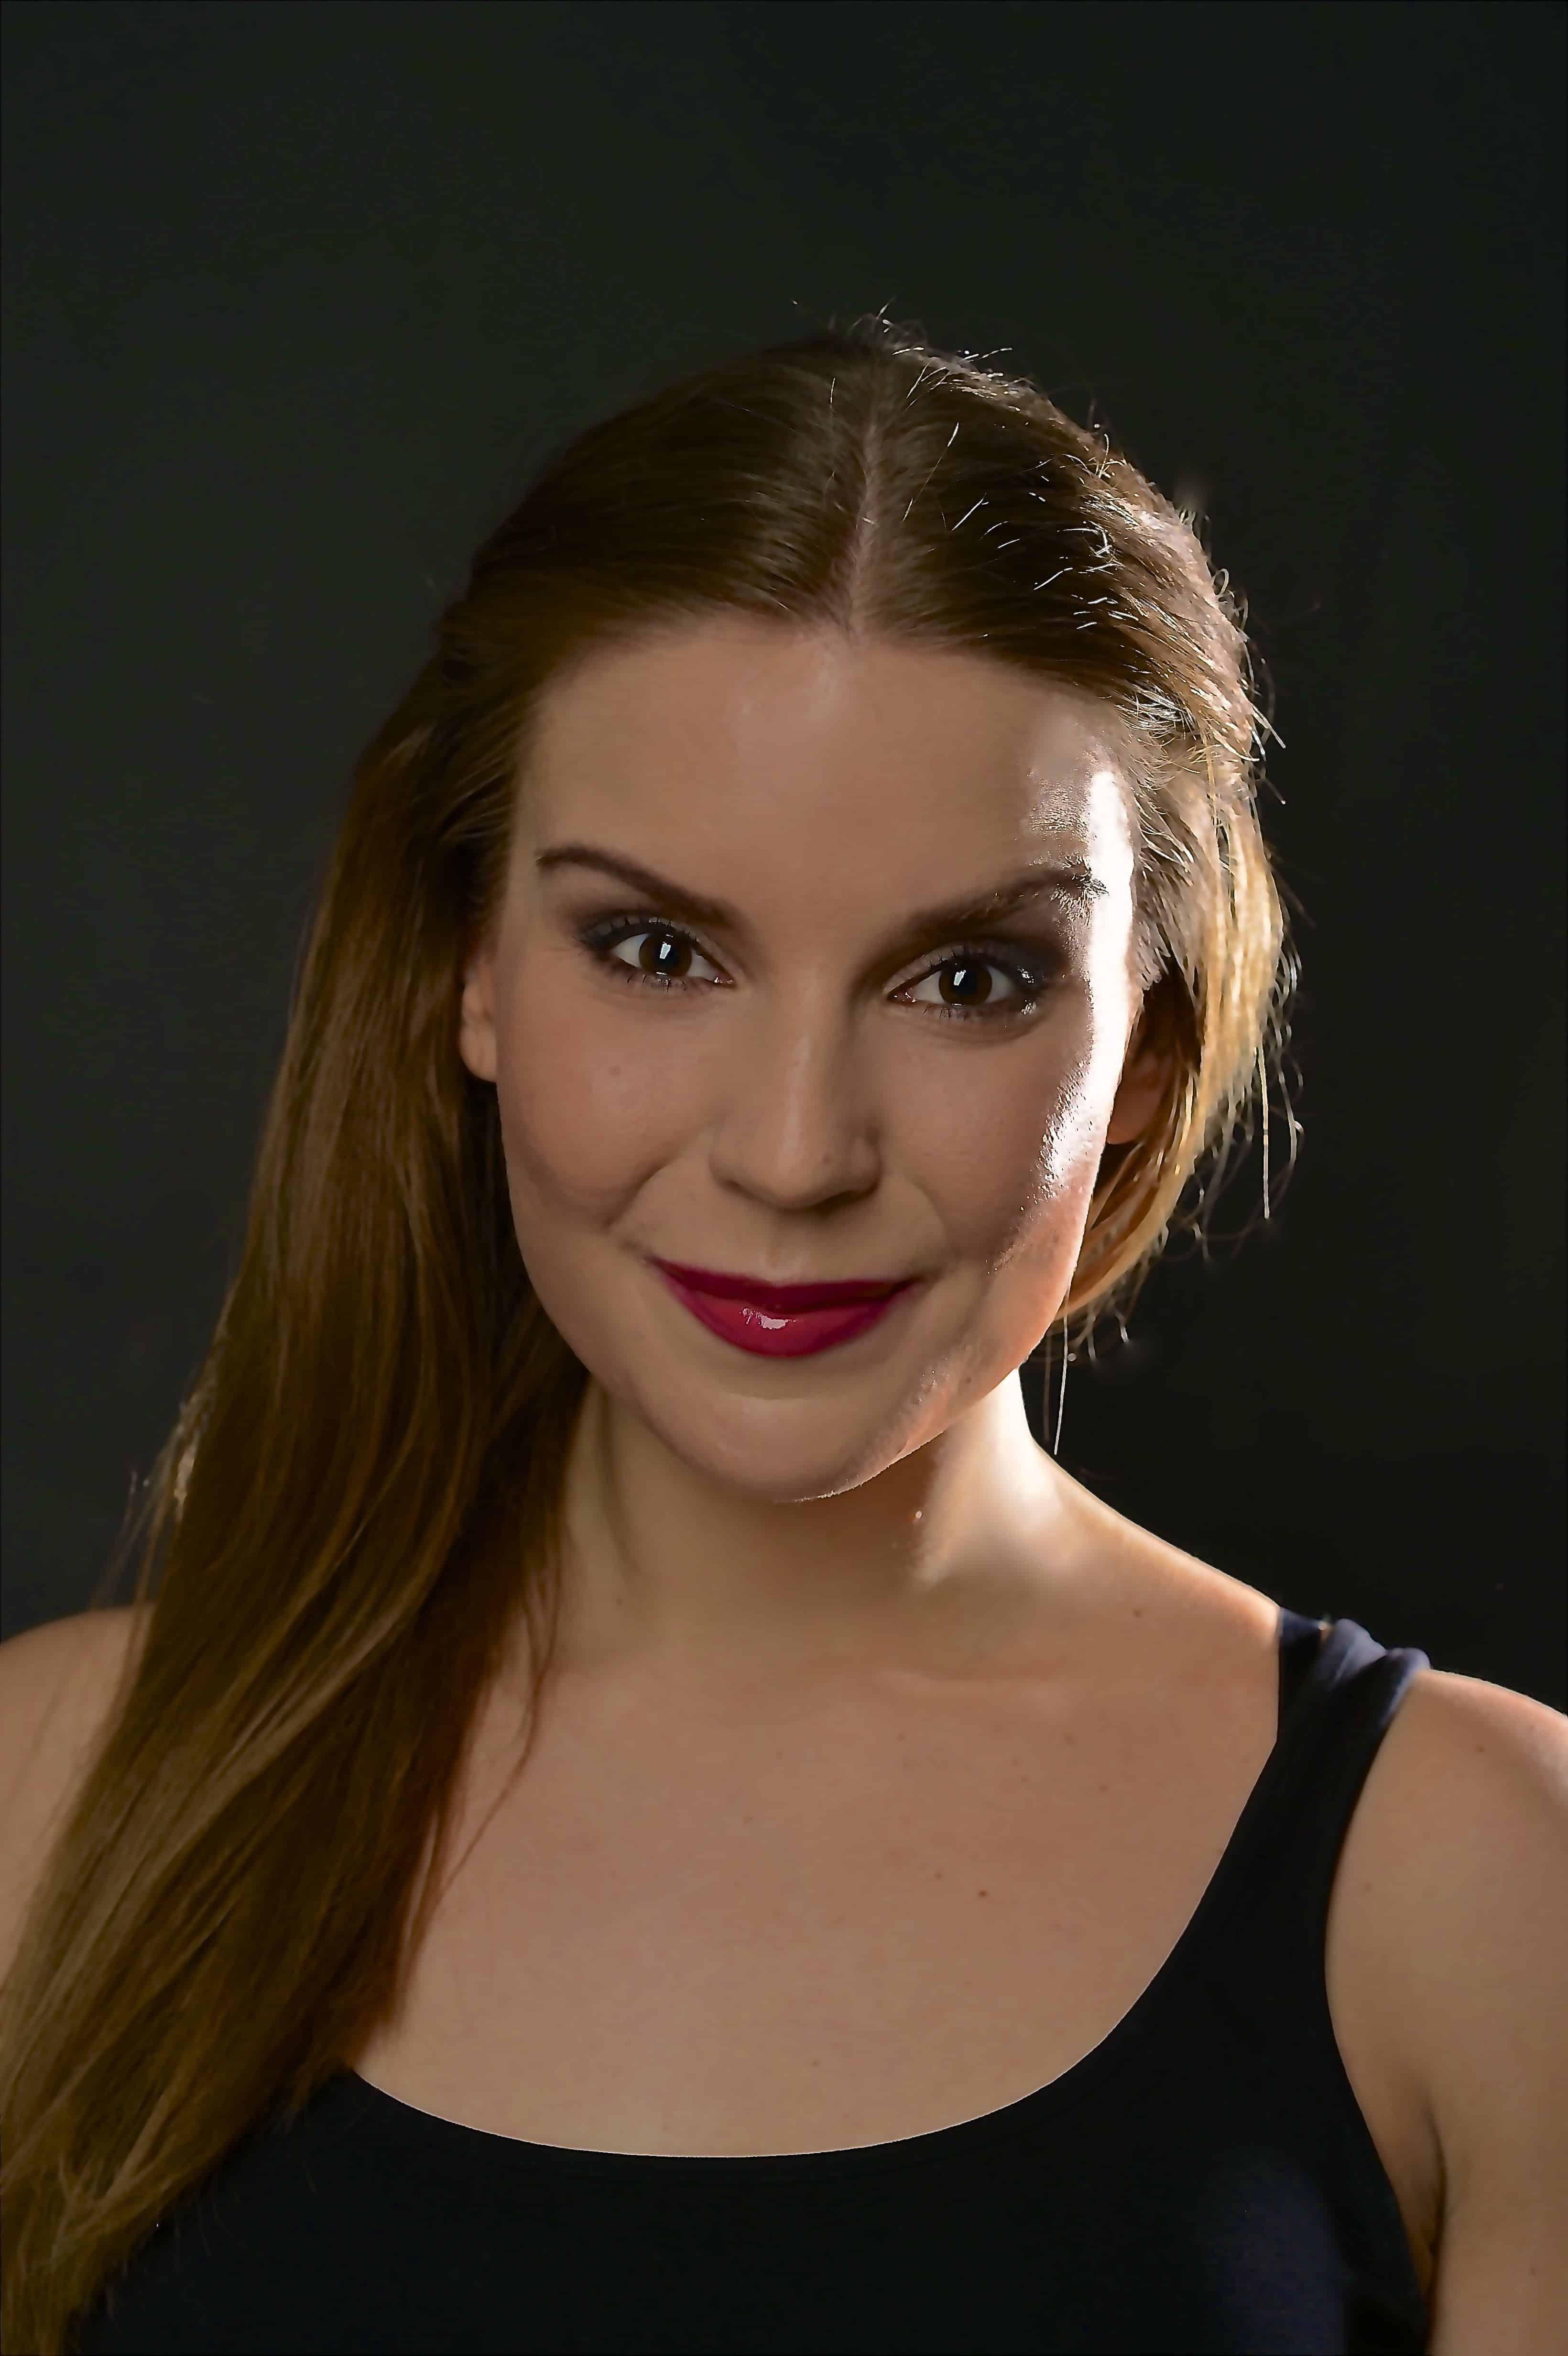 Charlotte Ström